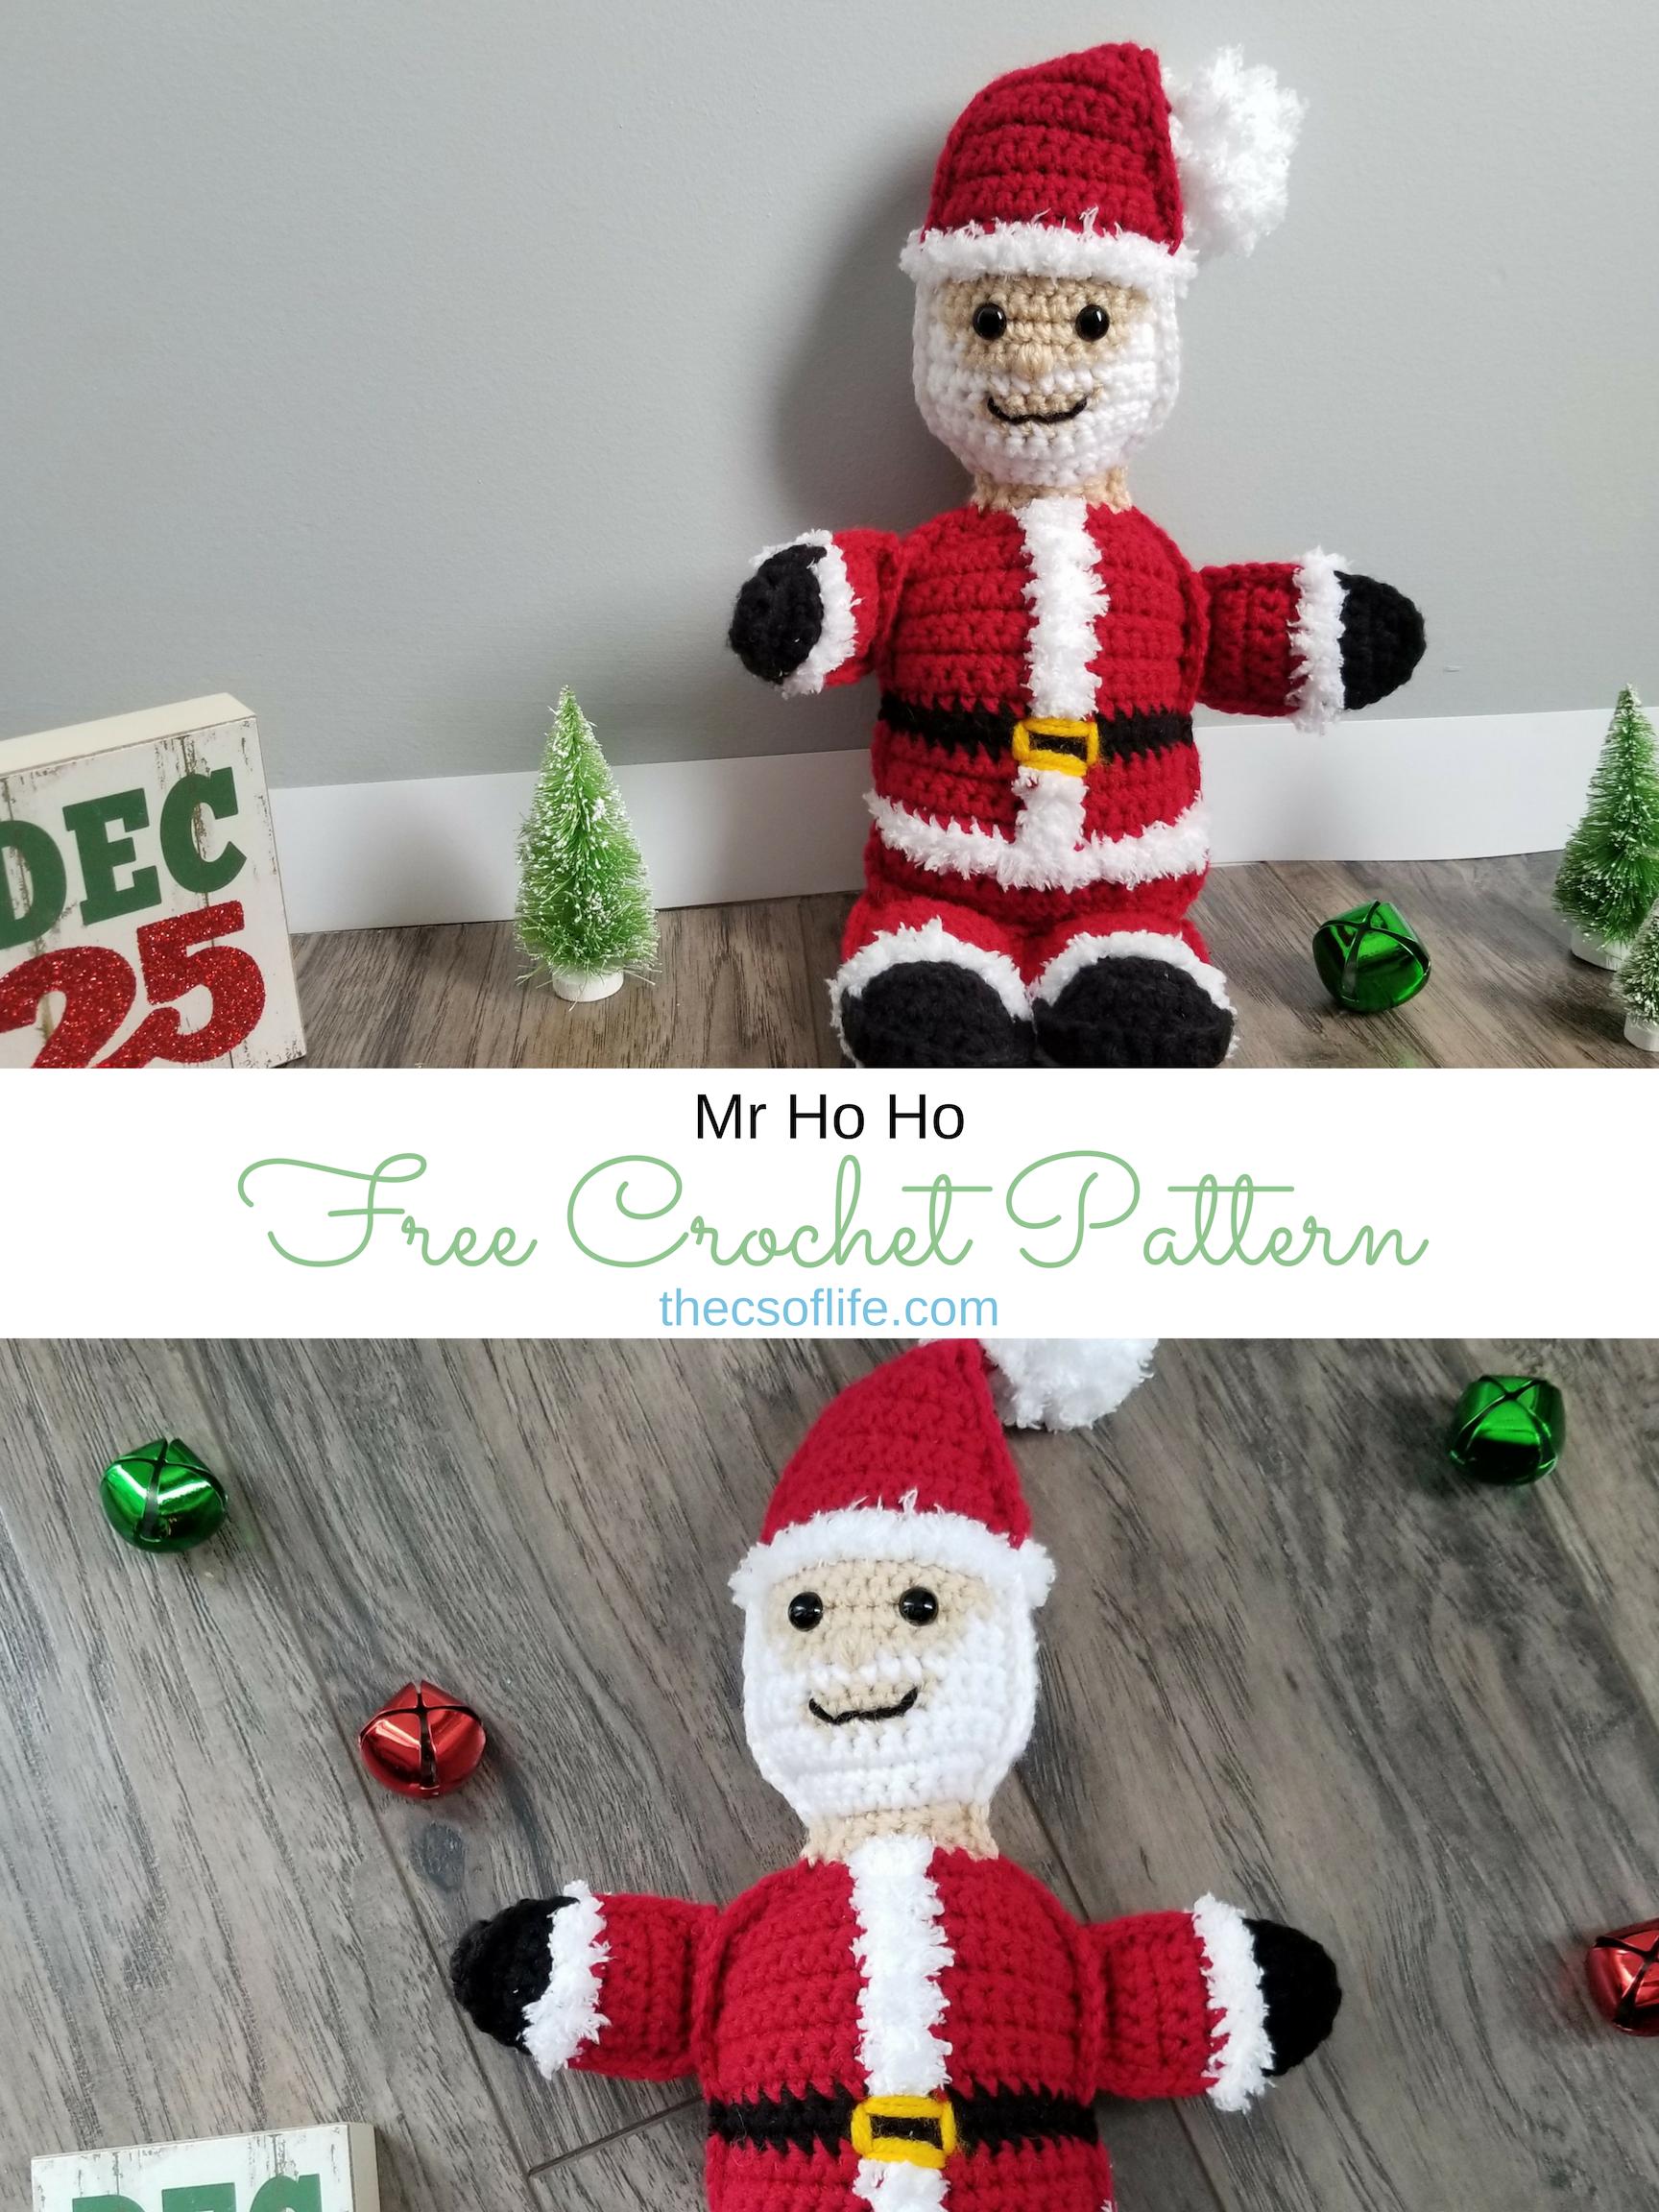 Mr Ho Ho - Free Crochet Pattern